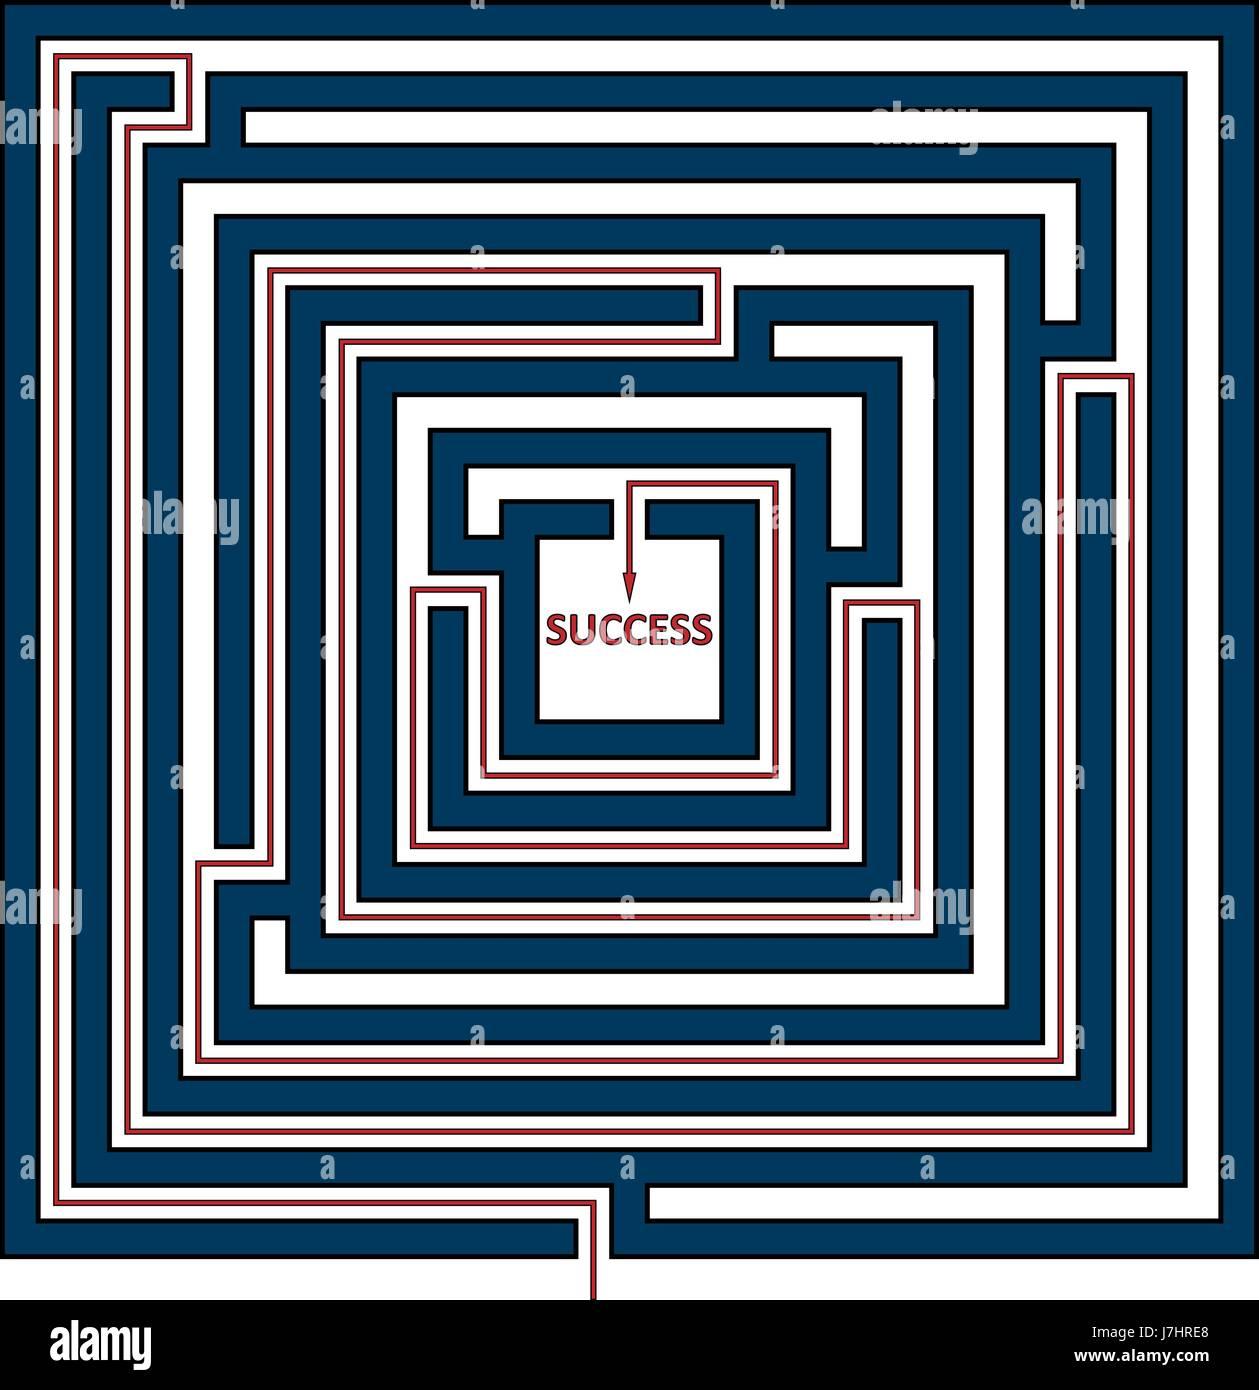 Vektor-Illustration von quadratischen Labyrinth mit der Lösung als rote Linie zum Erfolg. Rechteck-Labyrinth Stockbild